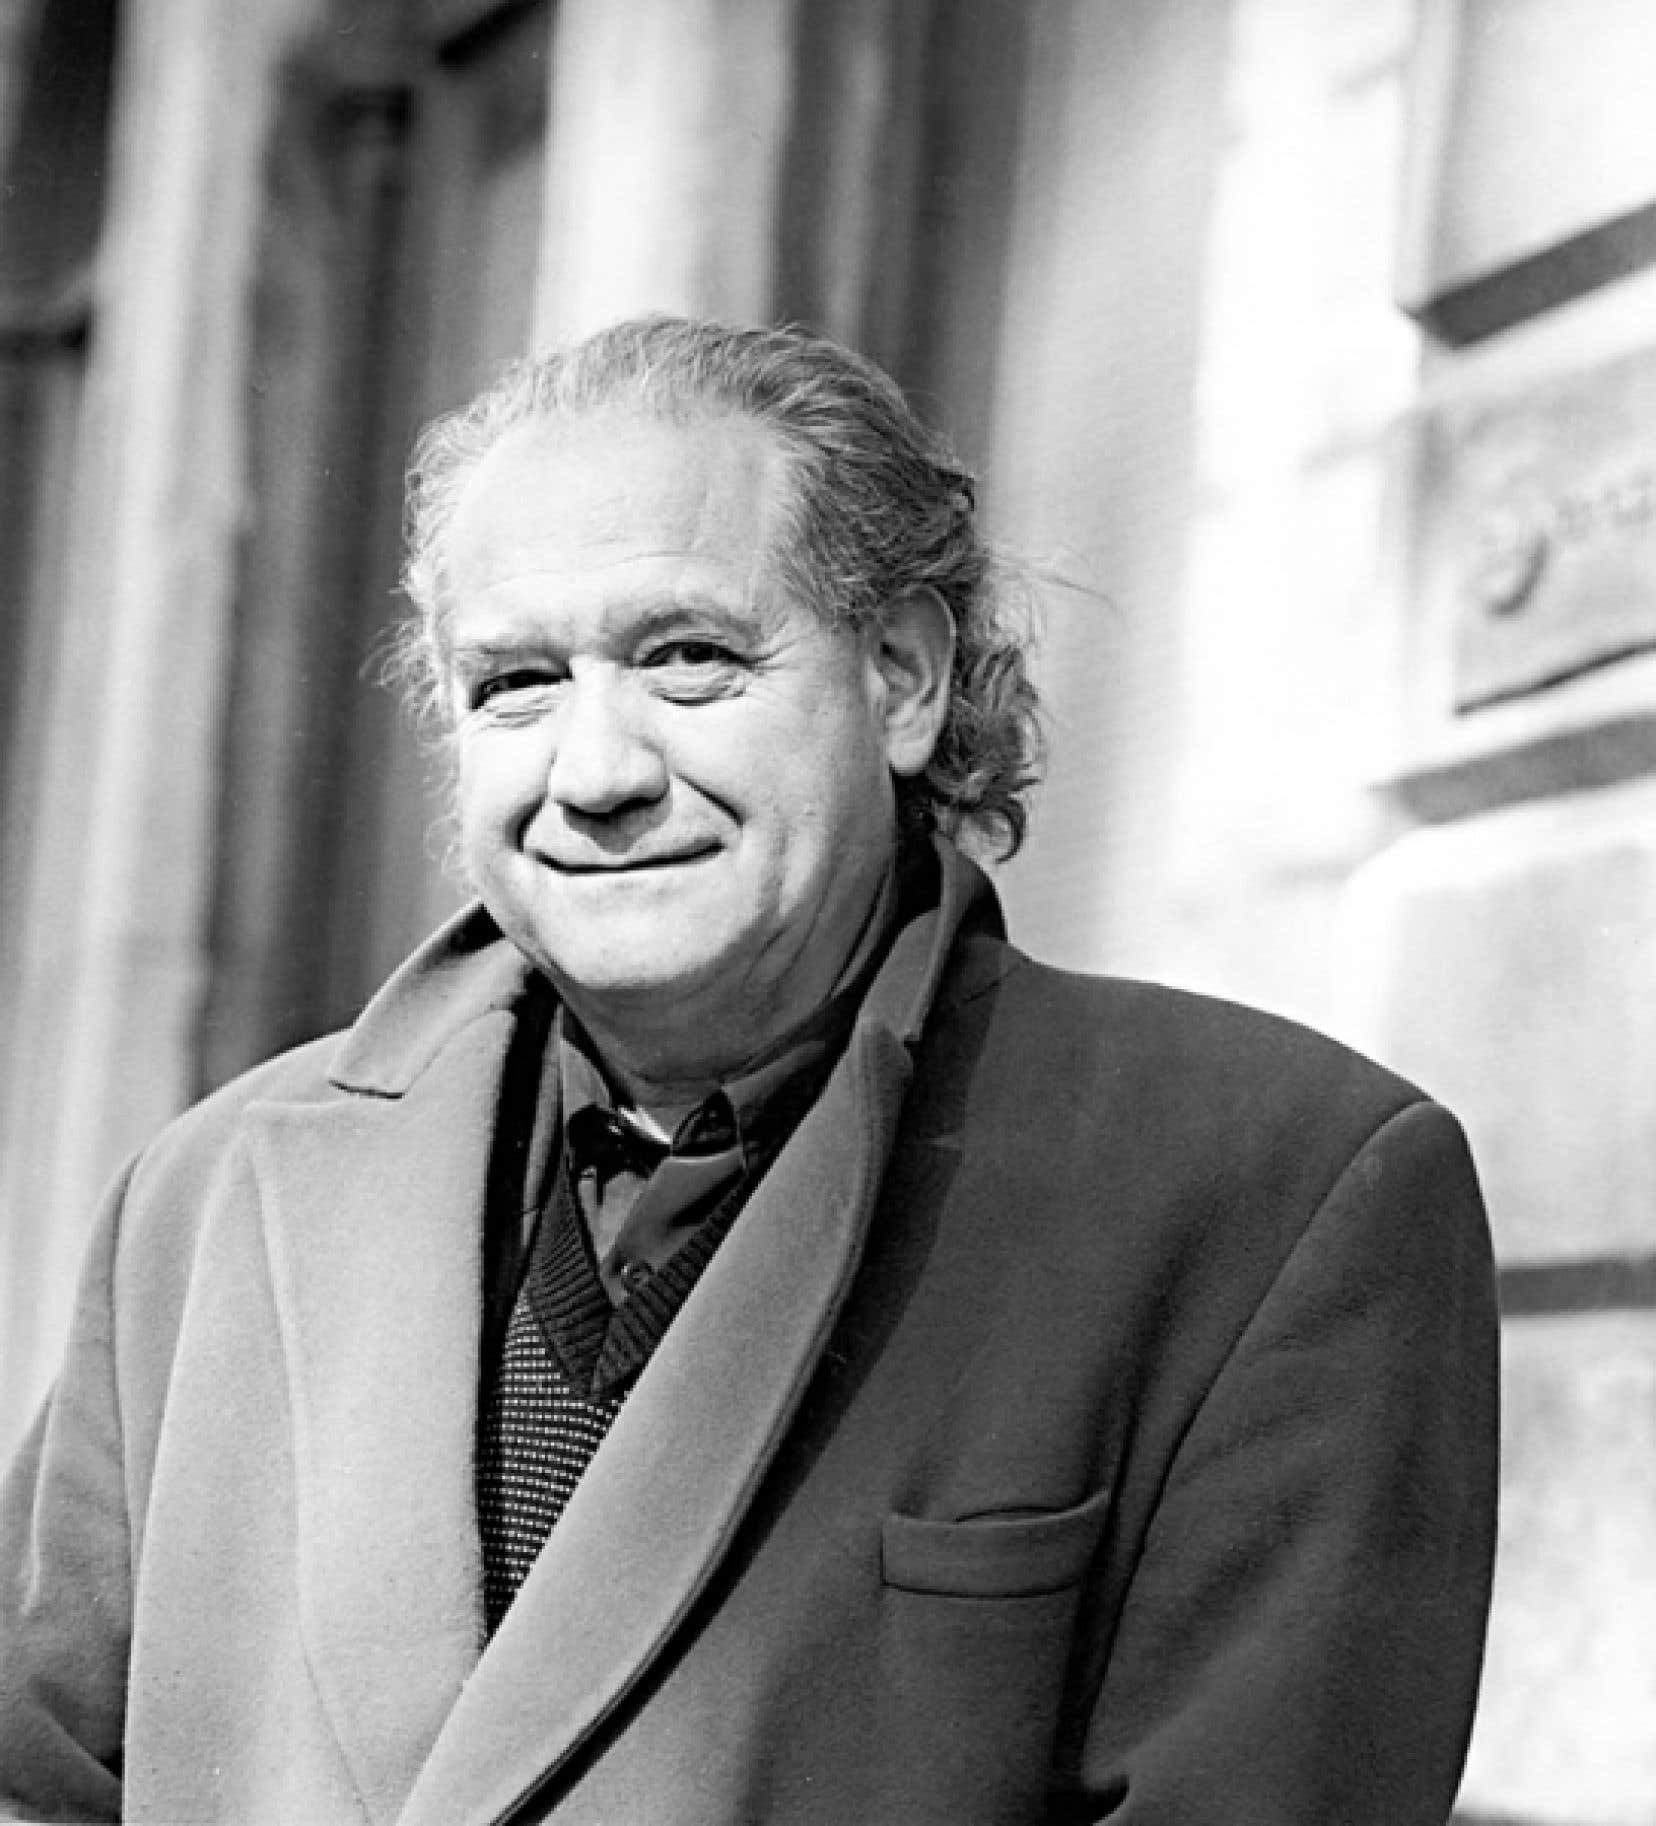 Le musicologue Jean-Jacques Nattiez, professeur titulaire à la faculté de musique de l'Université de Montréal